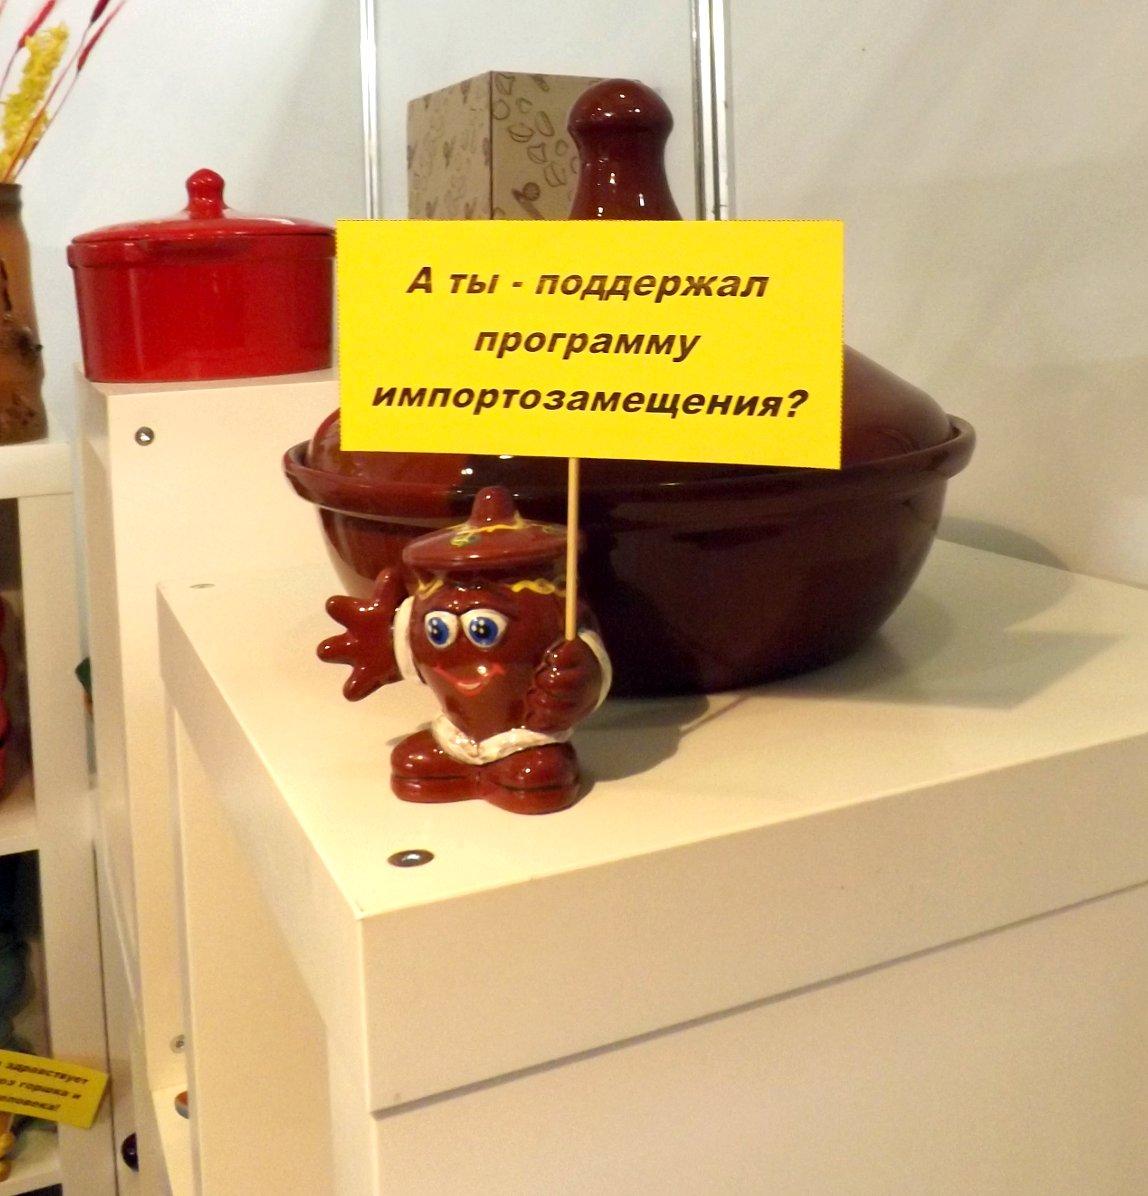 Фигурка керамическая с юмором на тему импортозамещения на выставке HouseHoldExpo 2015 в сентябре